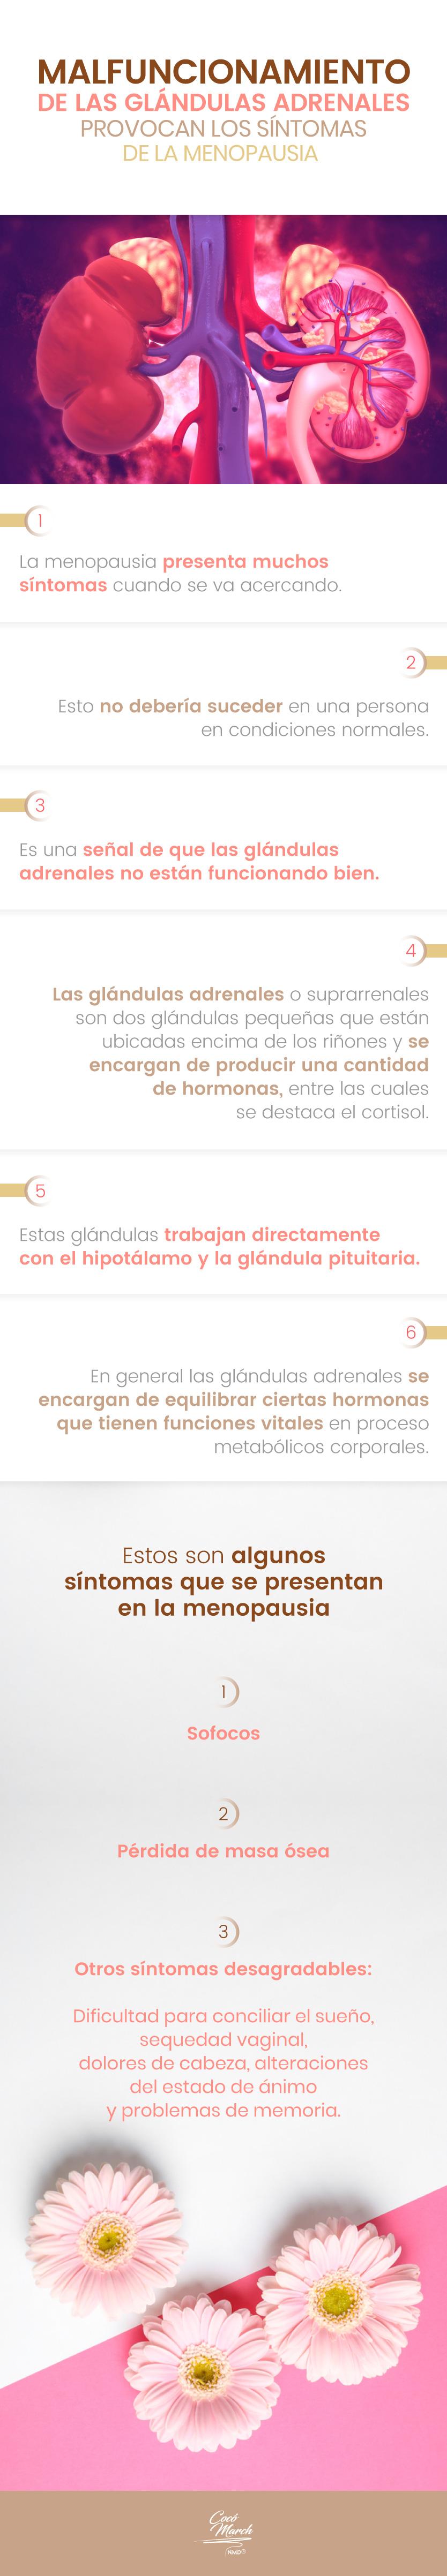 glandulas-adrenales-y-menopausia